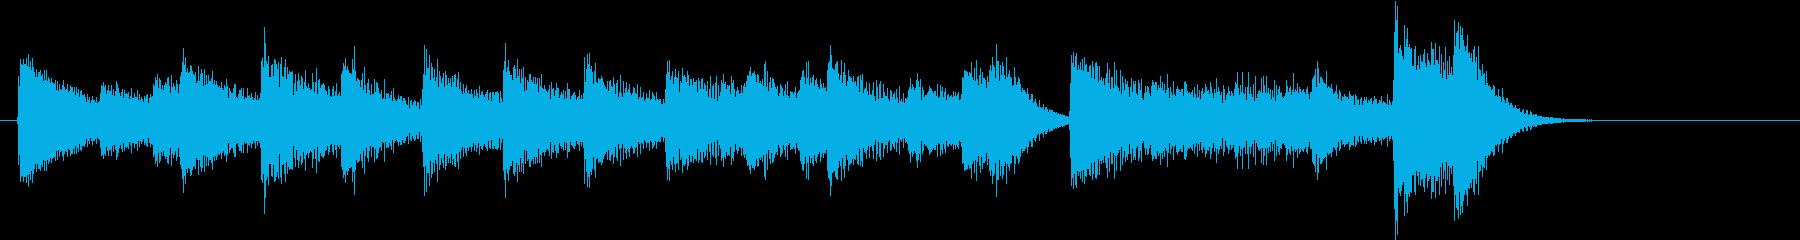 ひいらぎかざろうモチーフピアノジングルCの再生済みの波形